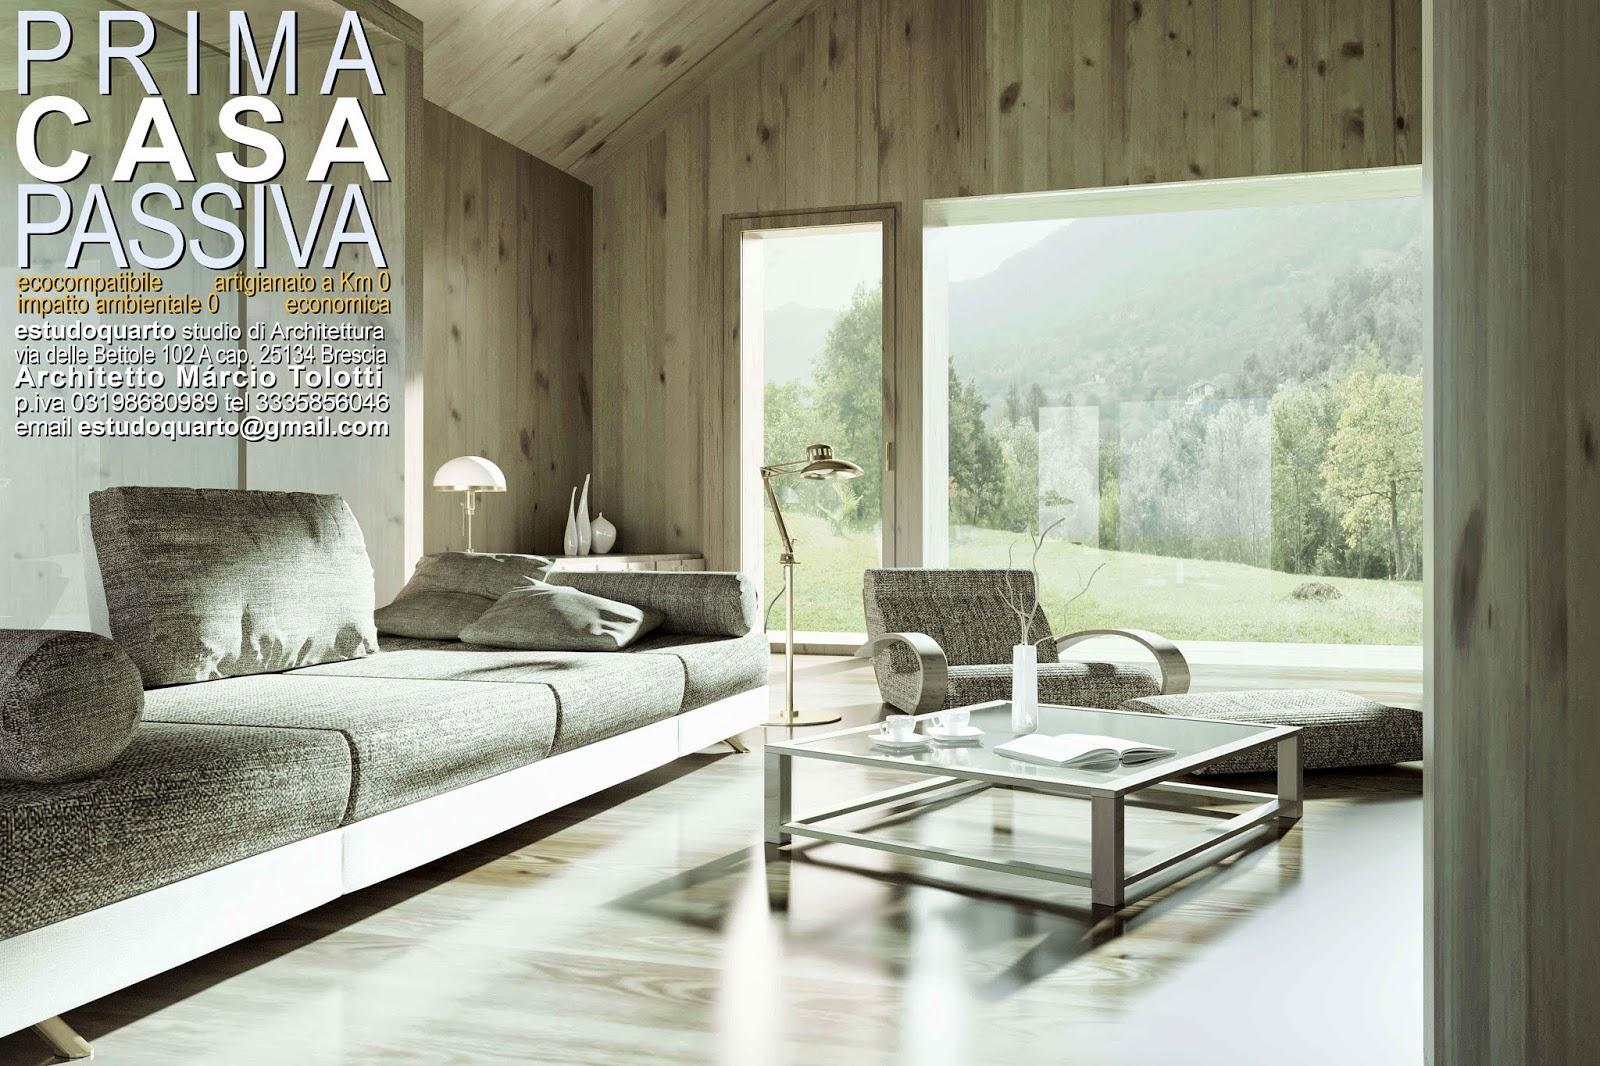 Costruisci in classe a con prima casa passiva studio di for Costruisci una casa per 100k